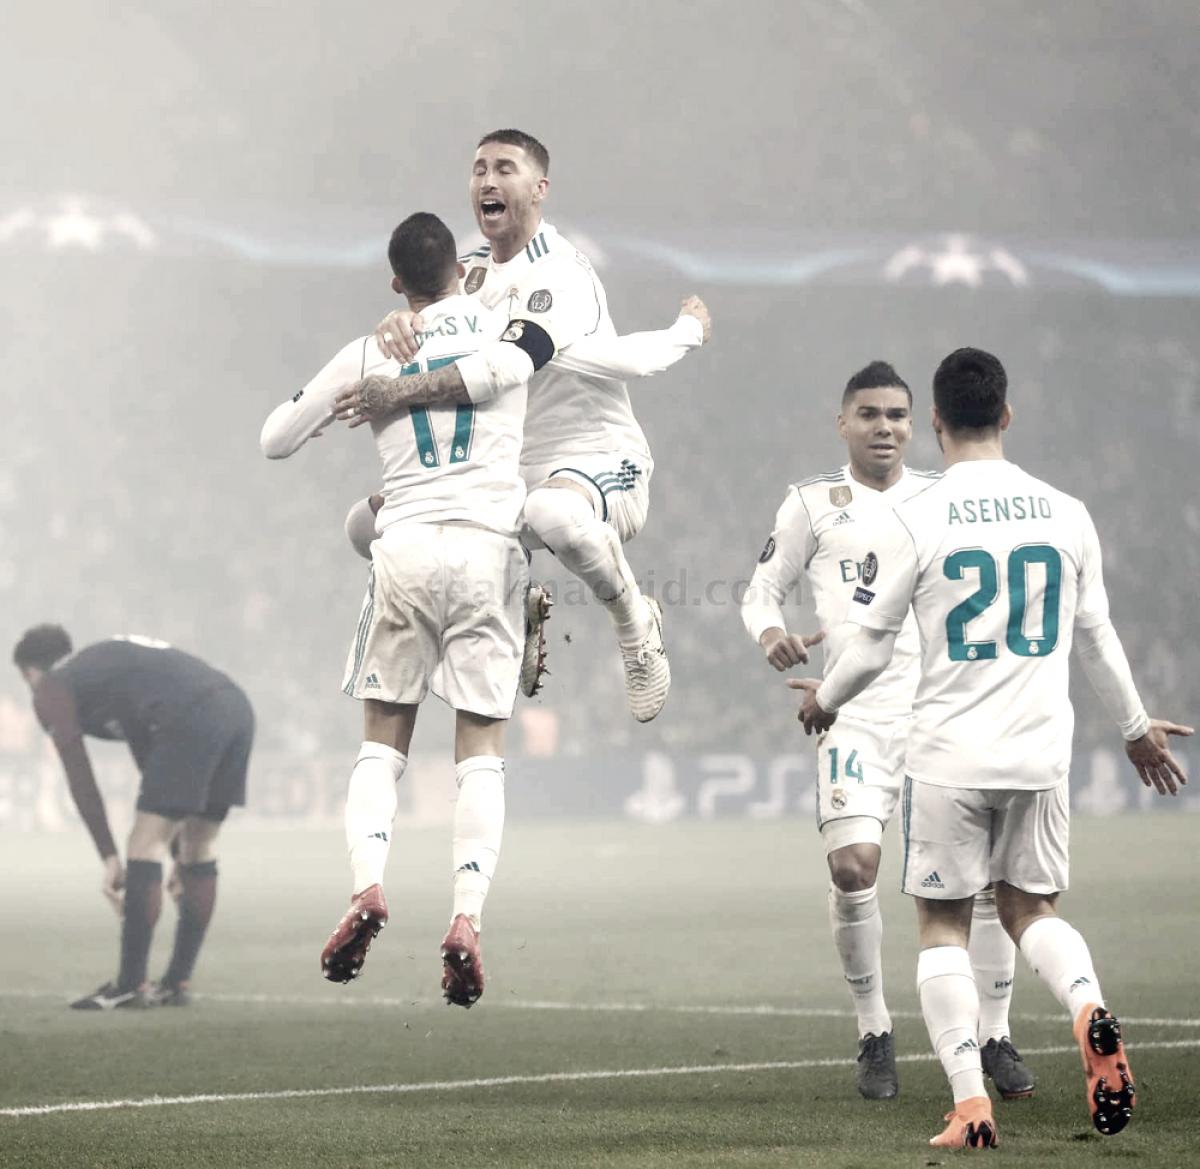 Lucas-Asensio, la conexión perfecta